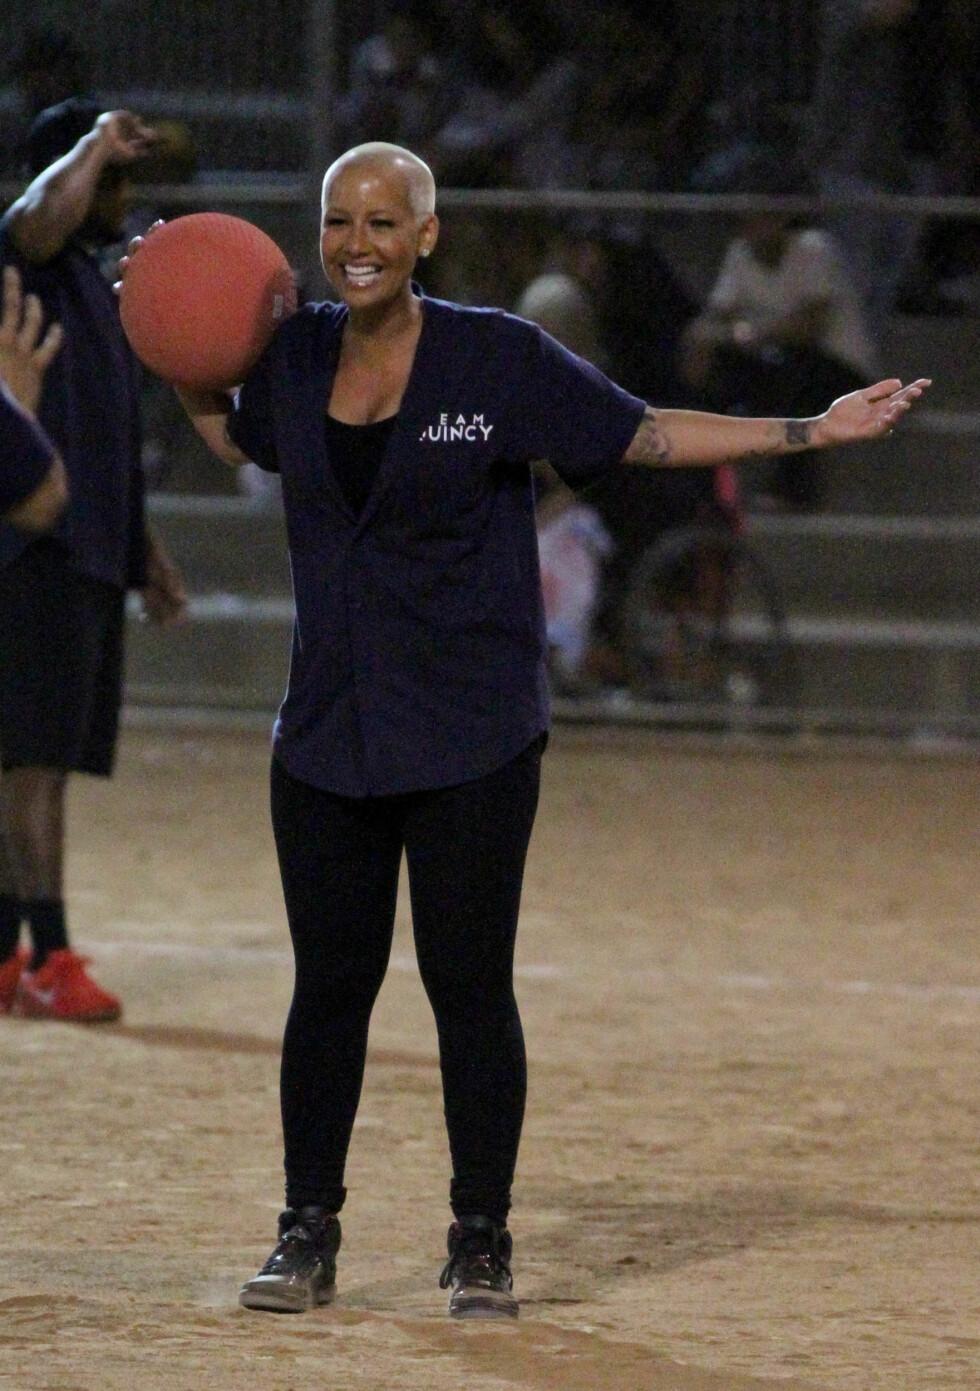 GLAD: Amber Rose koste seg og danset på kickball-kampen, lørdag.  Foto: JCalderon / Splash News/ All Over Press